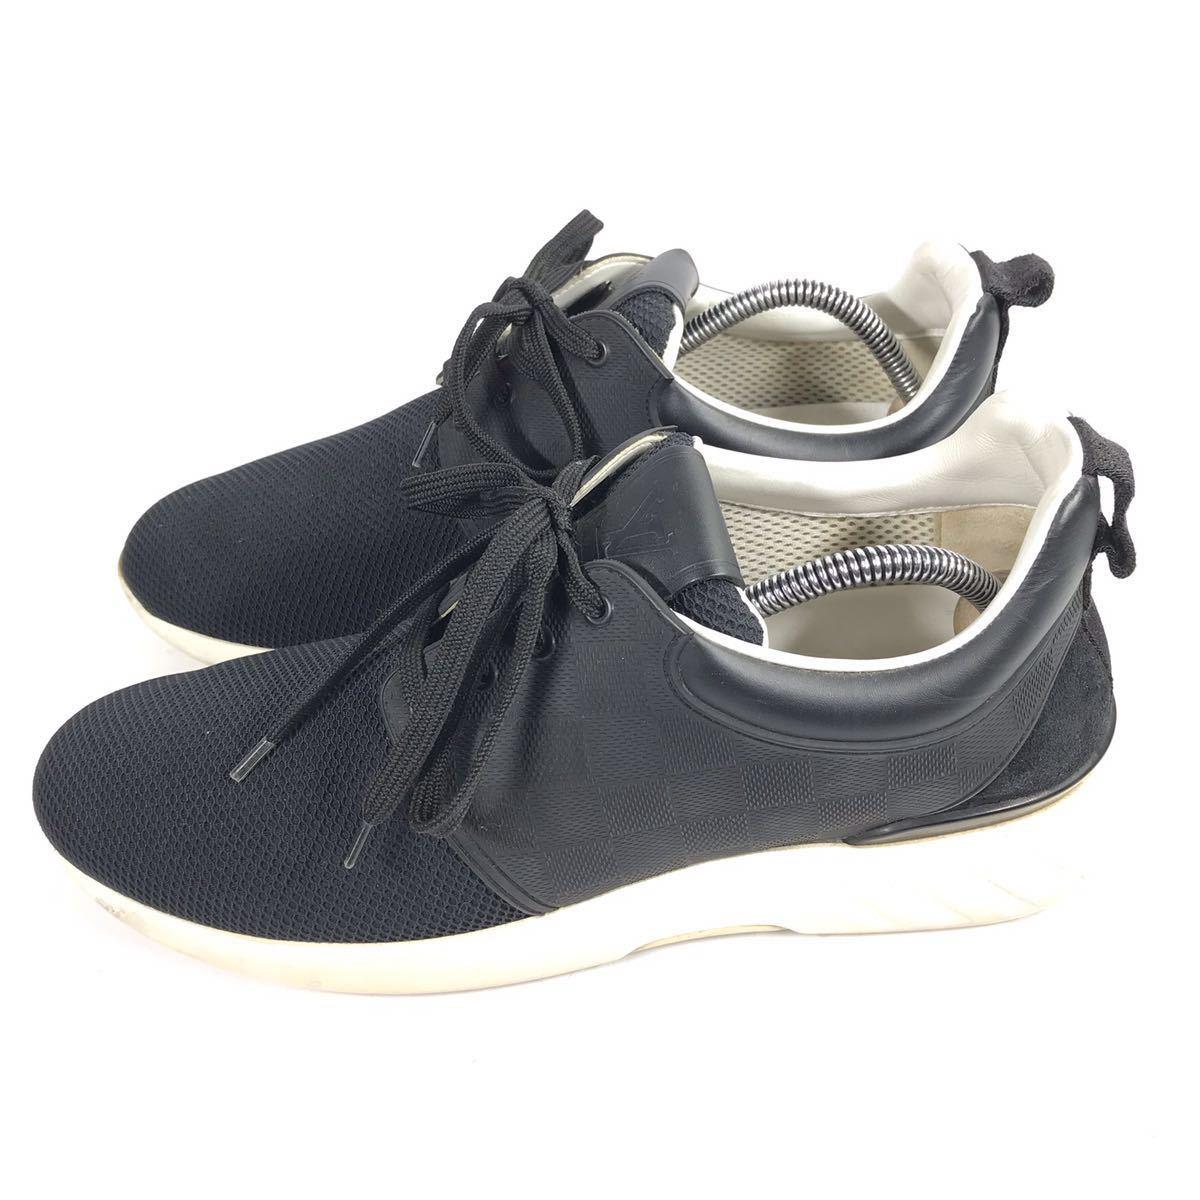 【ルイヴィトン】本物 LOUIS VUITTON 靴 25.5cm 黒 ダミエライン ファストレーン スニーカー カジュアルシューズ レザー×PVC メンズ 6 1/2_画像7